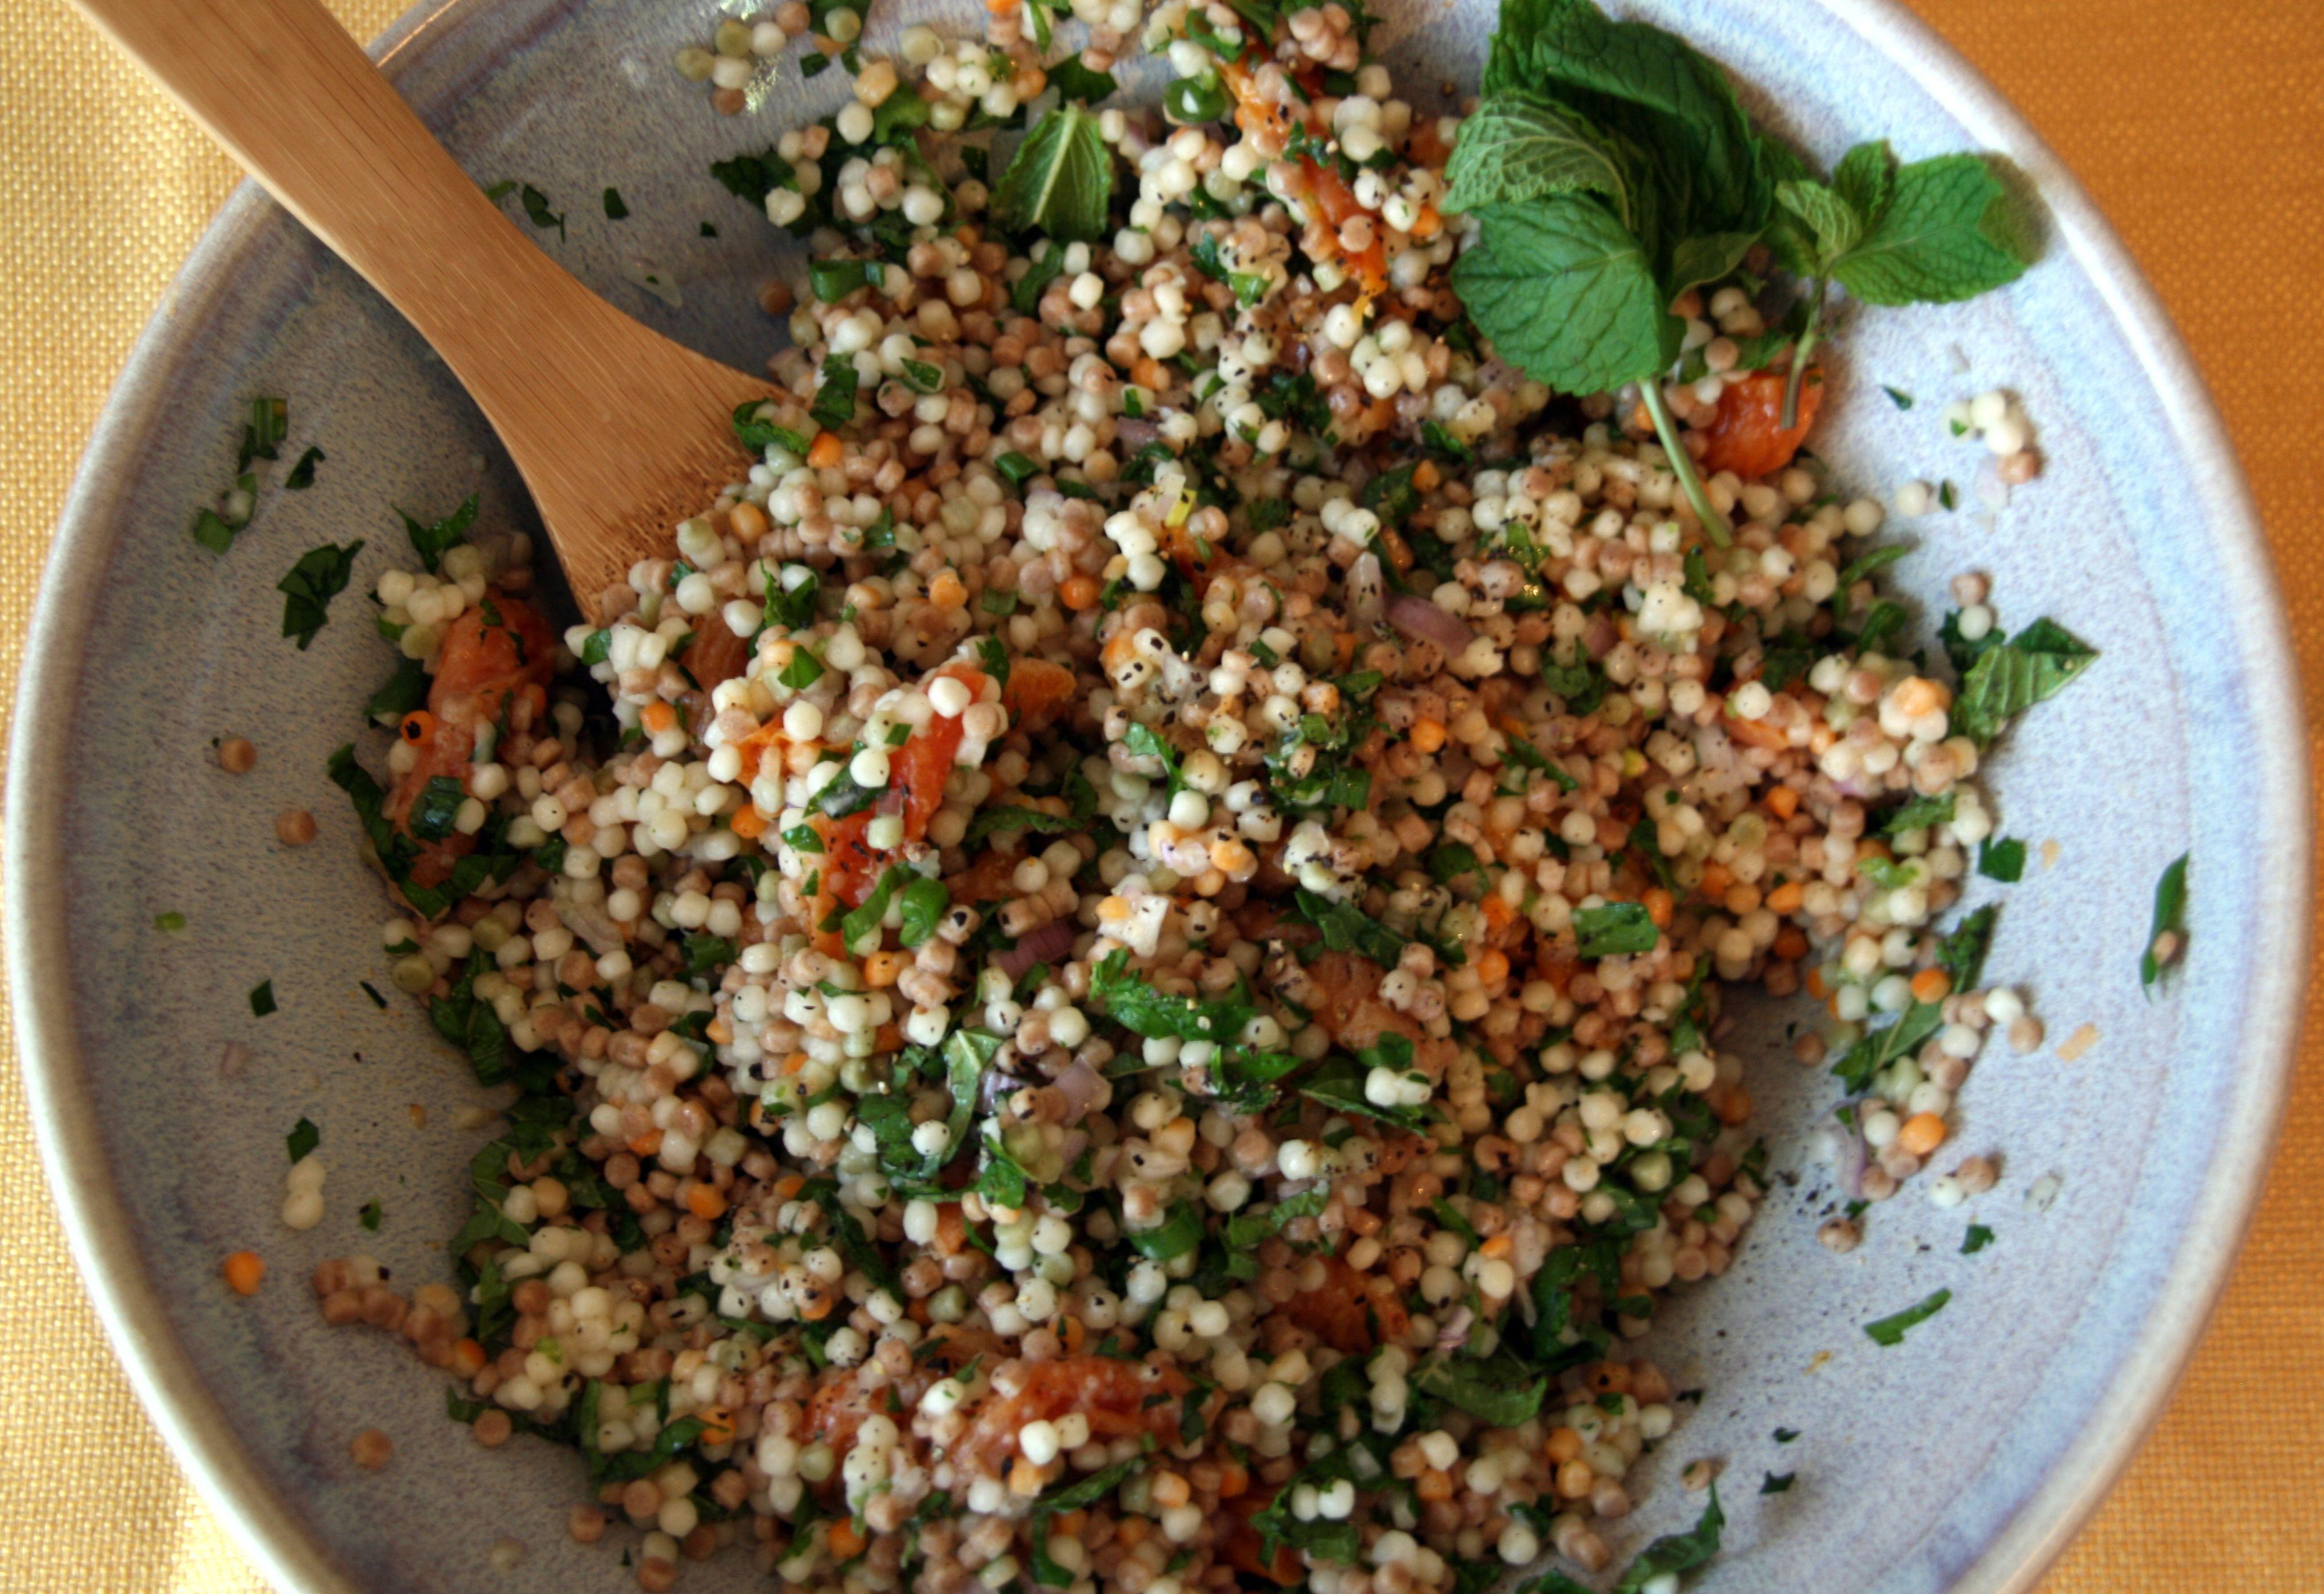 Mezze Apricot Mint Couscous Salad Minted Couscous Couscous Salad North African Food